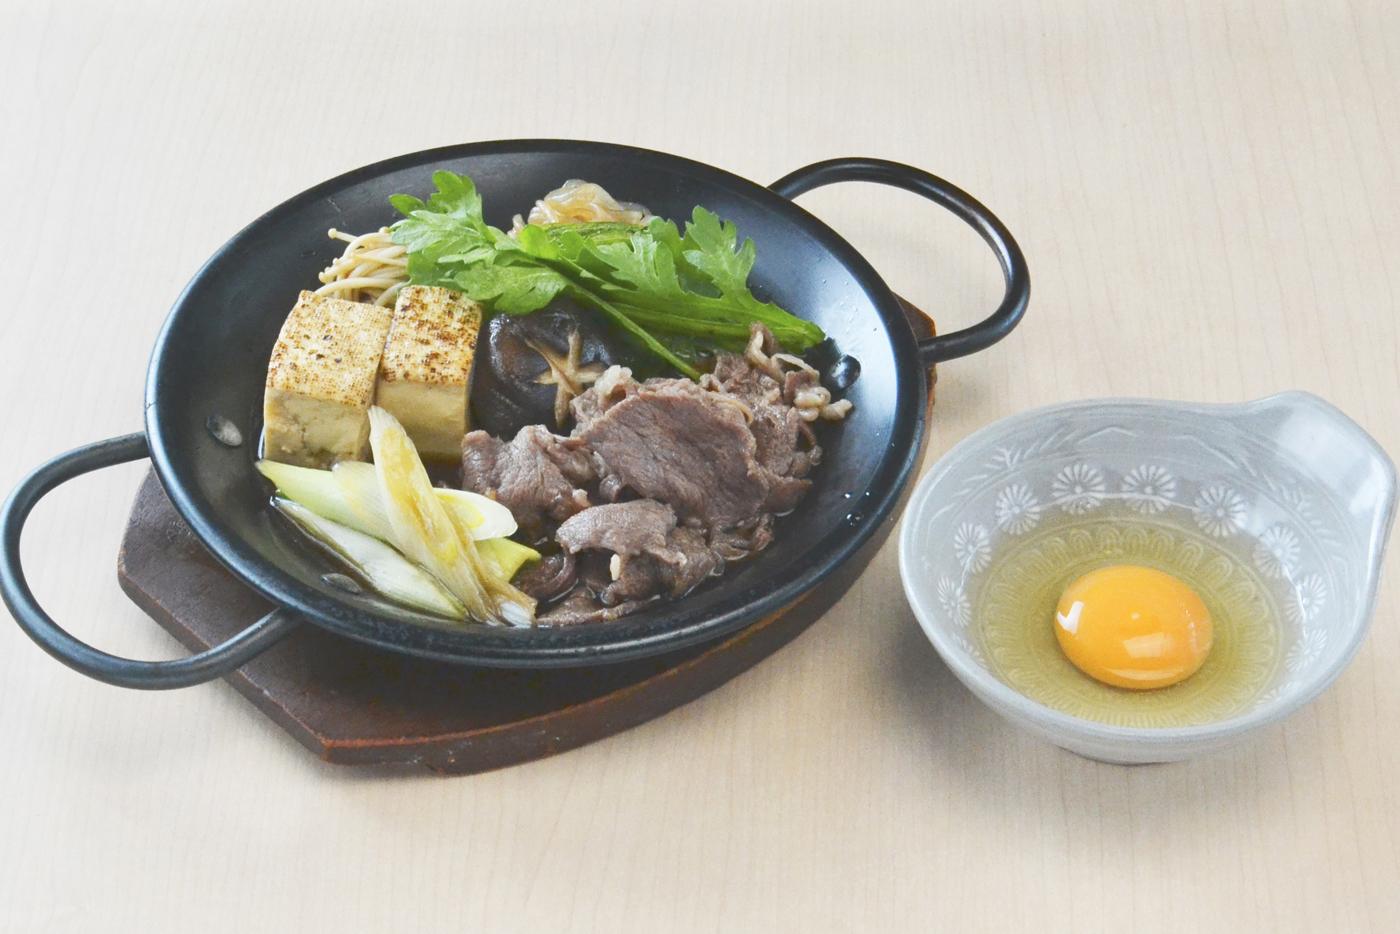 鉄鍋すき焼き定食<br />ご飯・味噌汁・香の物・ドリンク付